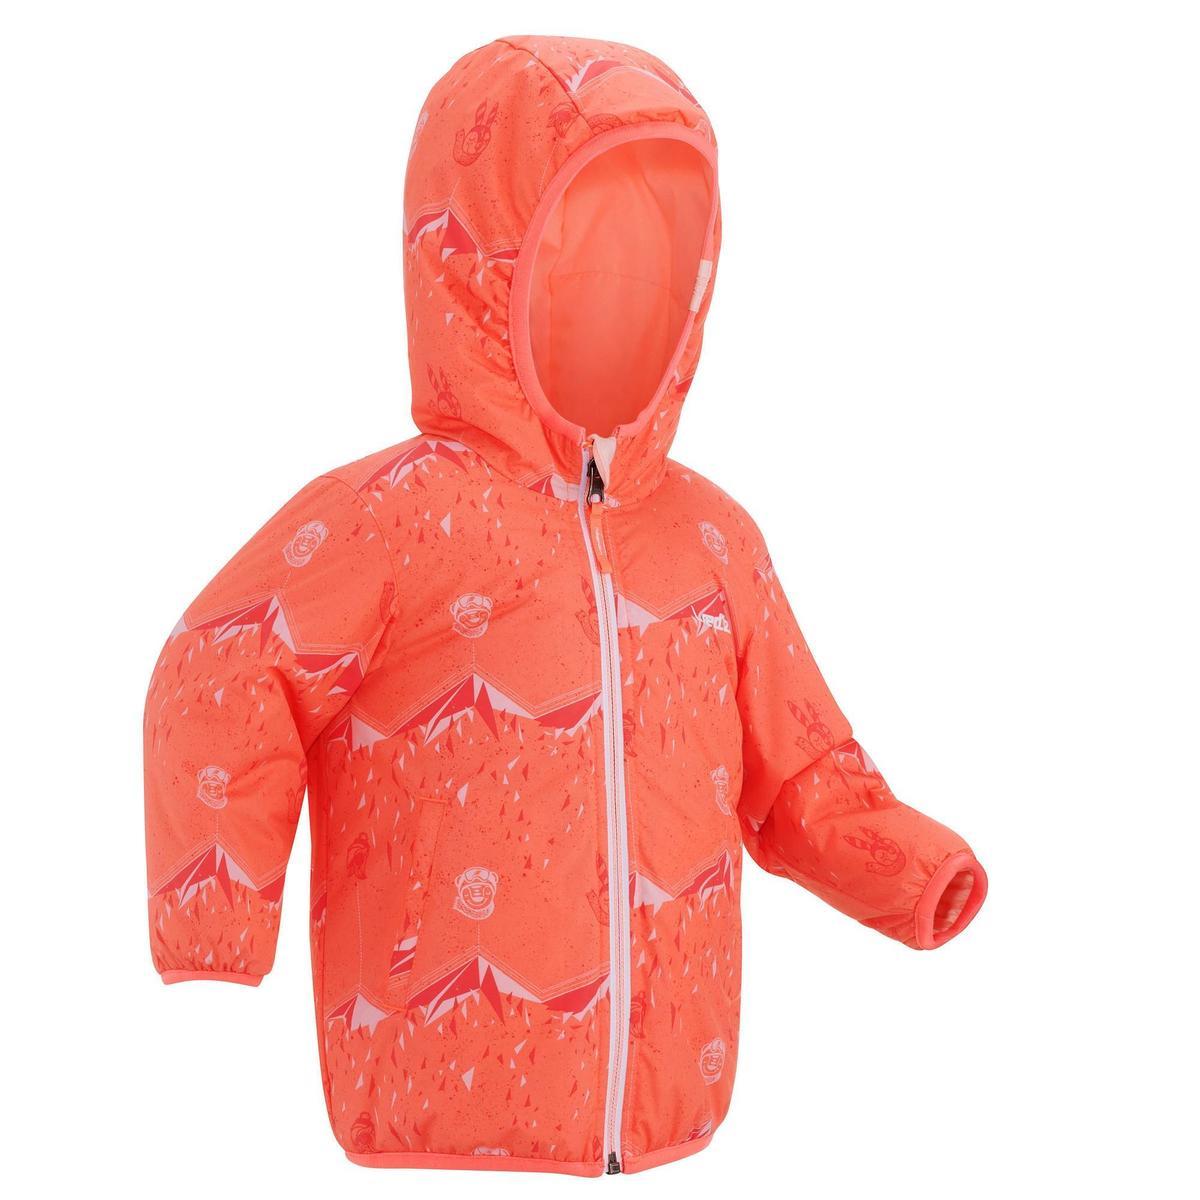 Bild 1 von Jacke wendbar warm Baby rosa